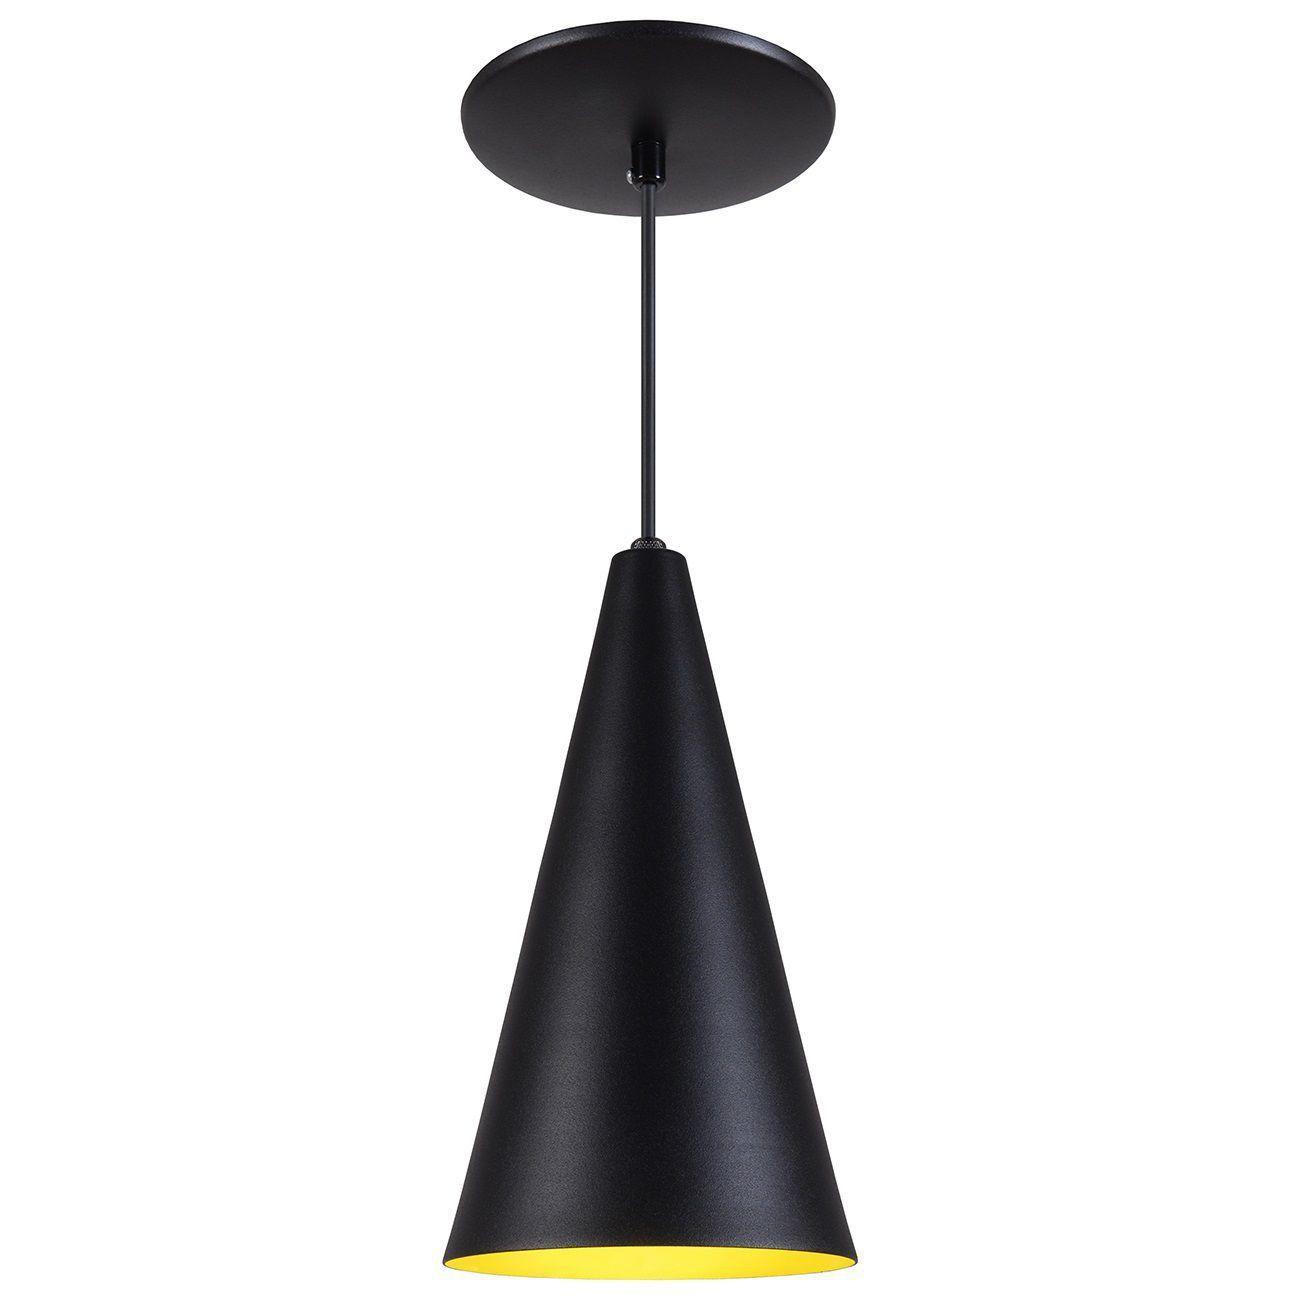 Pendente Cone Luminária Lustre Alumínio Preto Textura C/ Amarelo - Rei Da Iluminação